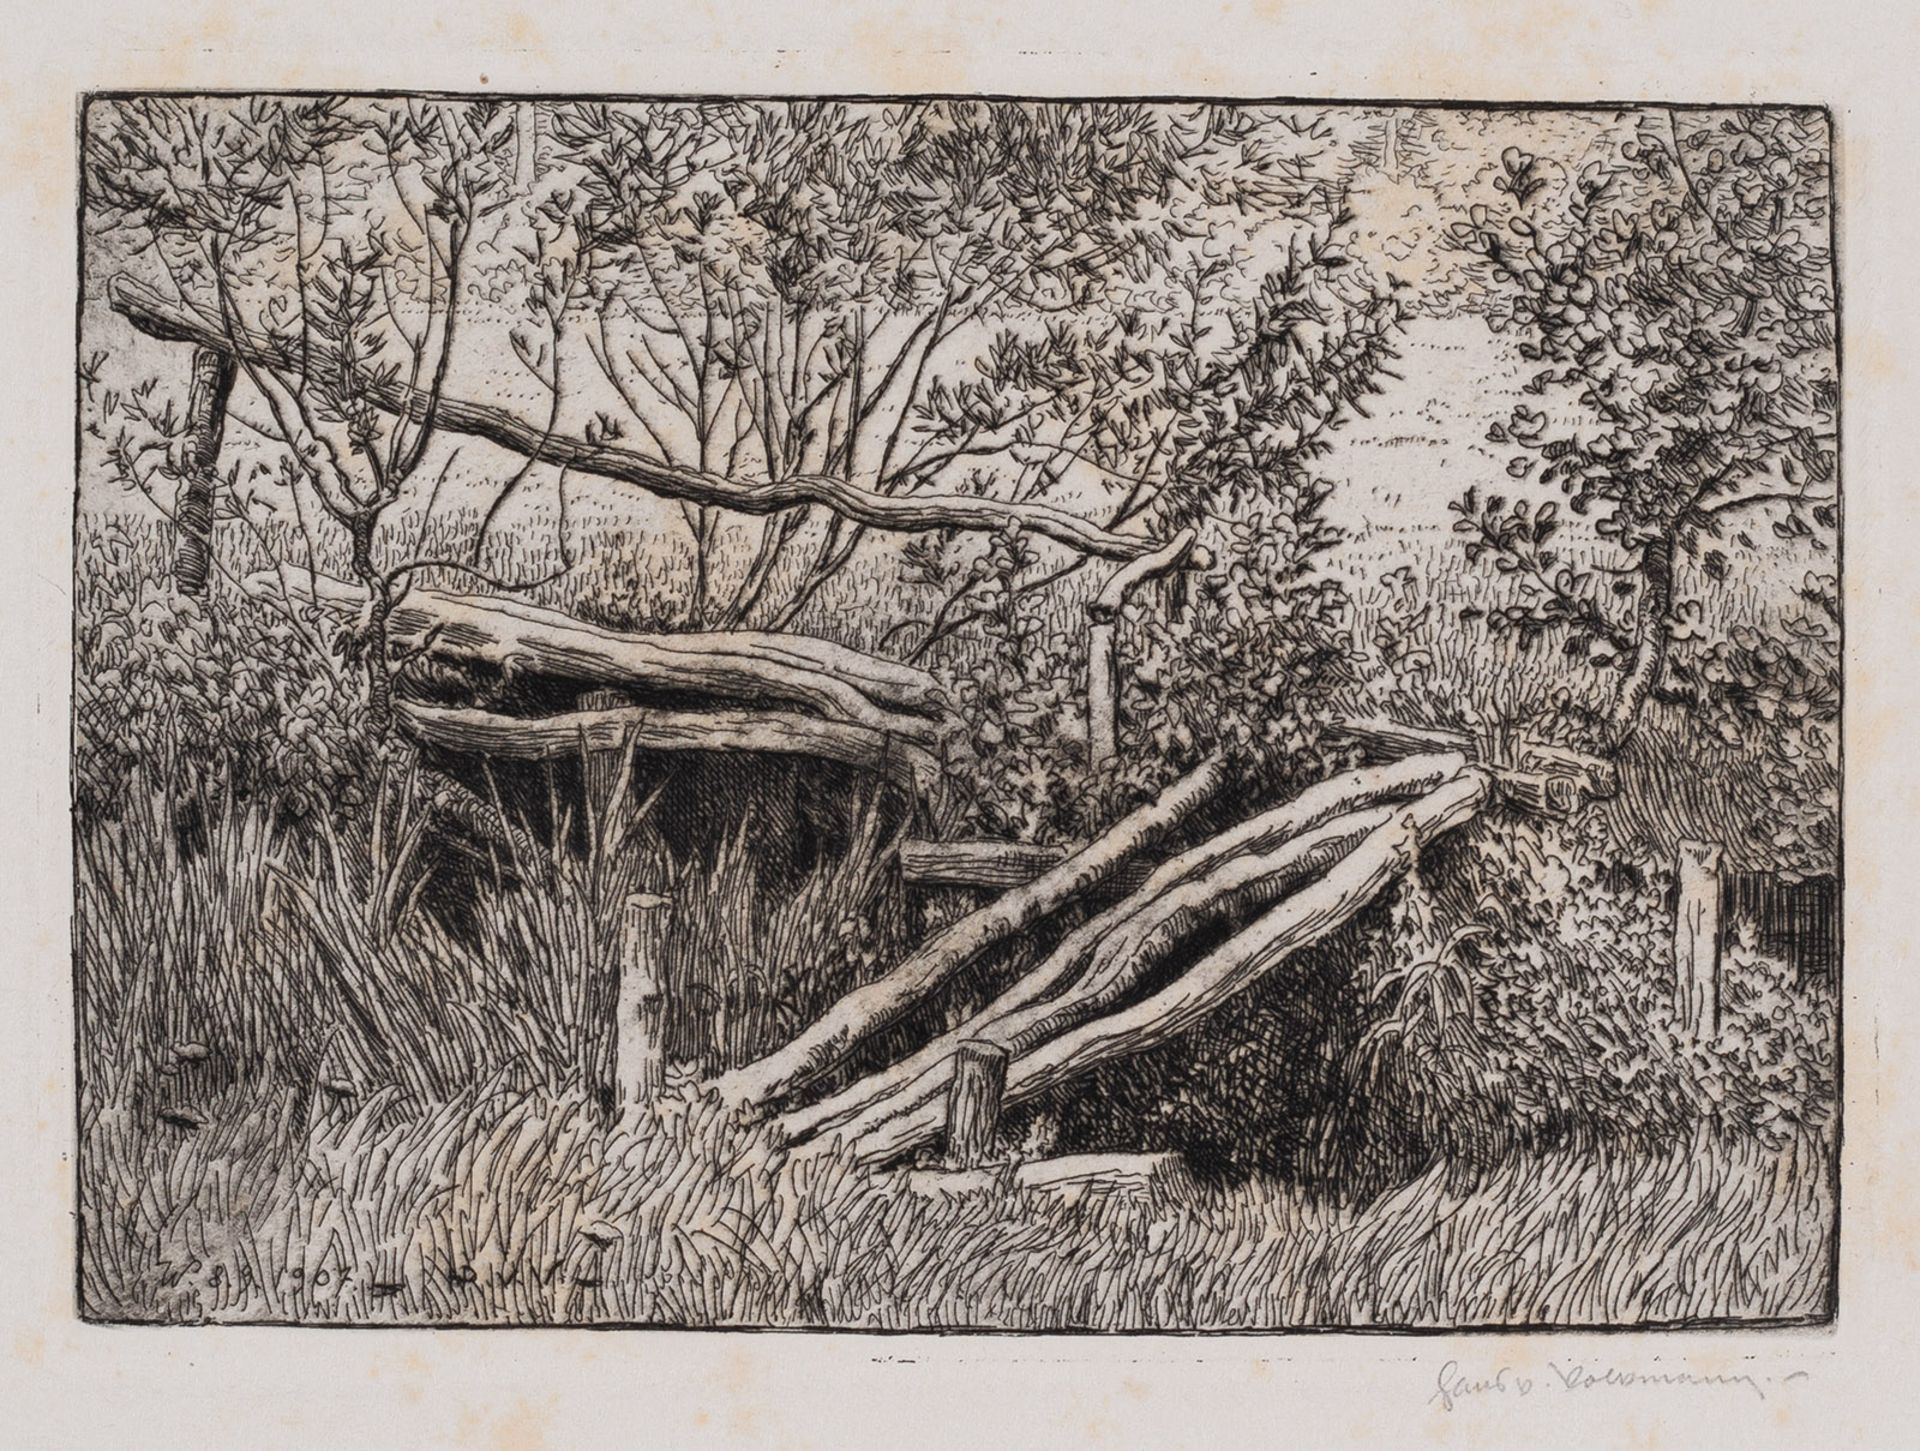 Volkmann, Hans Richard von - Image 5 of 10